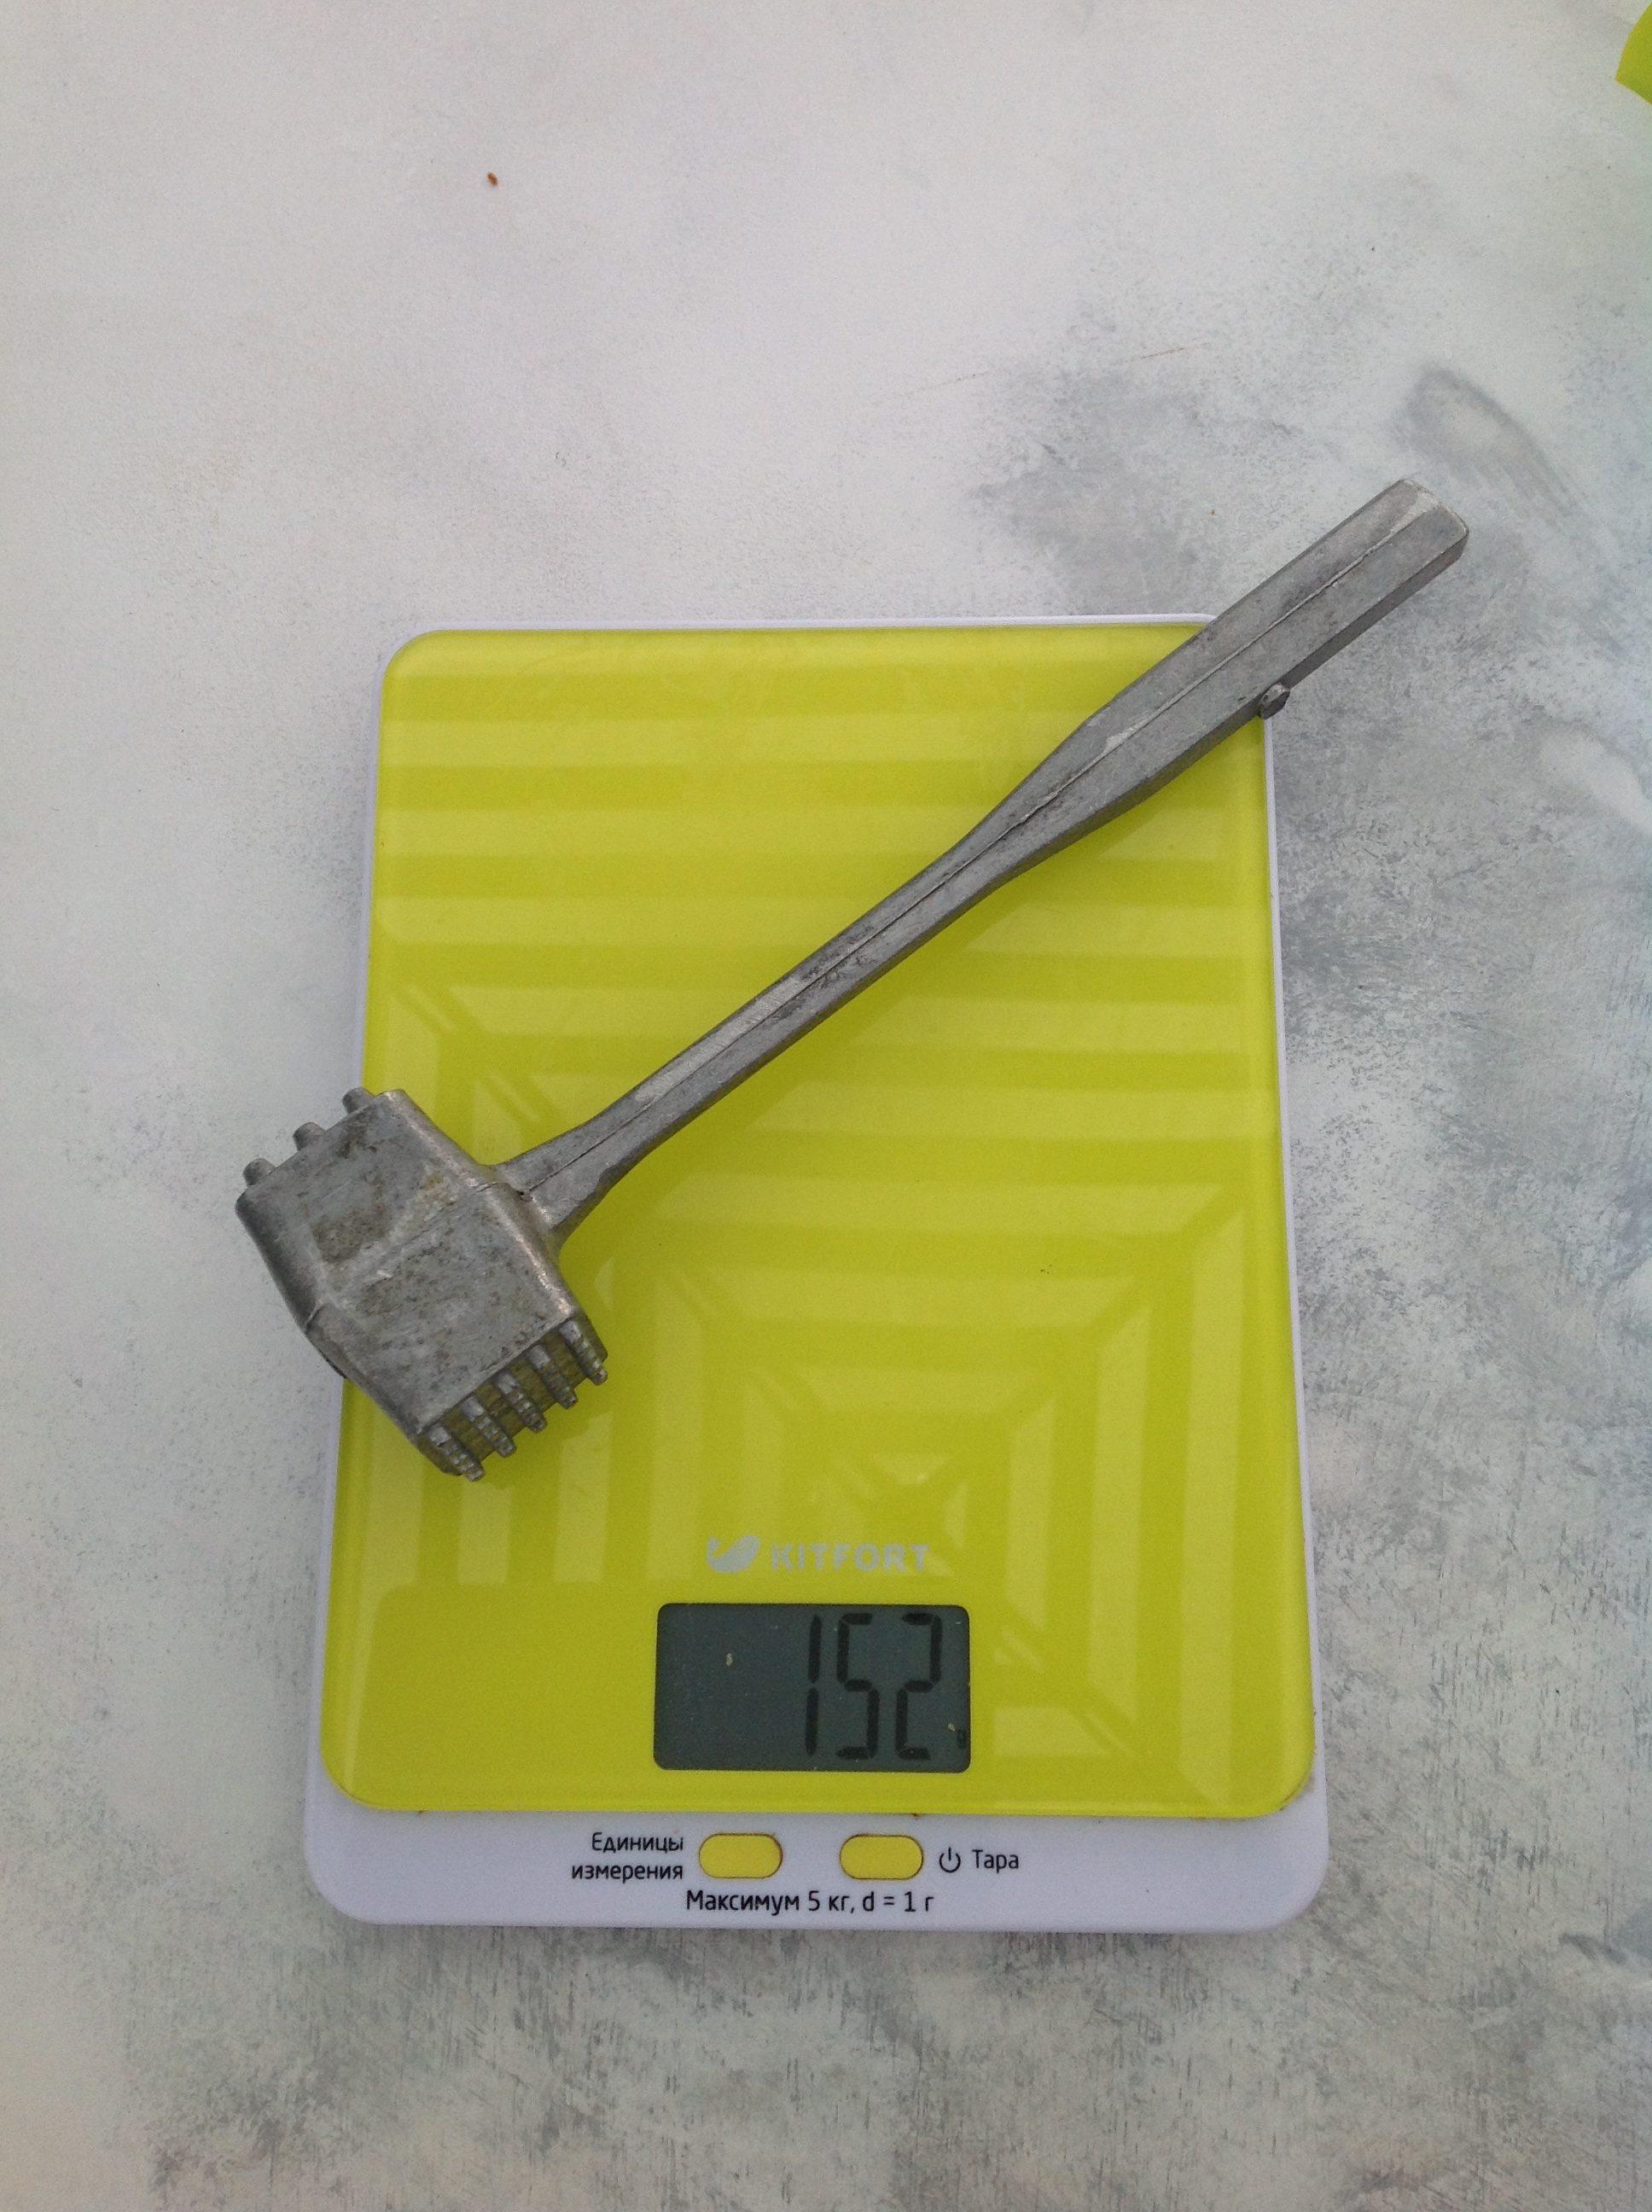 вес алюминиевого молотка для отбивания мяса